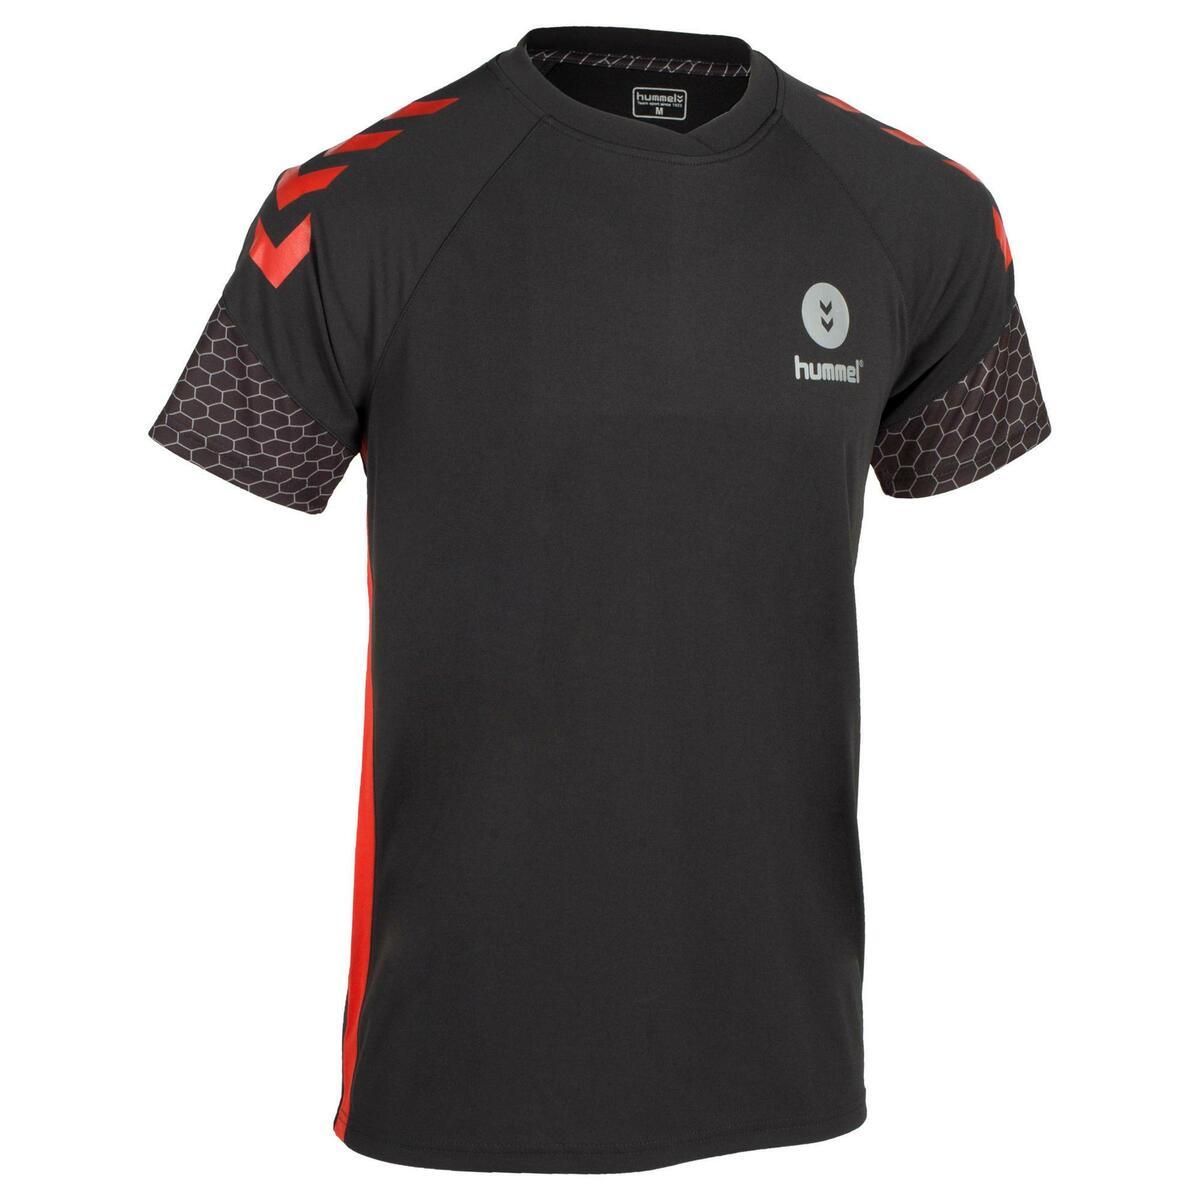 Bild 1 von Handballtrikot Herren grau/rot